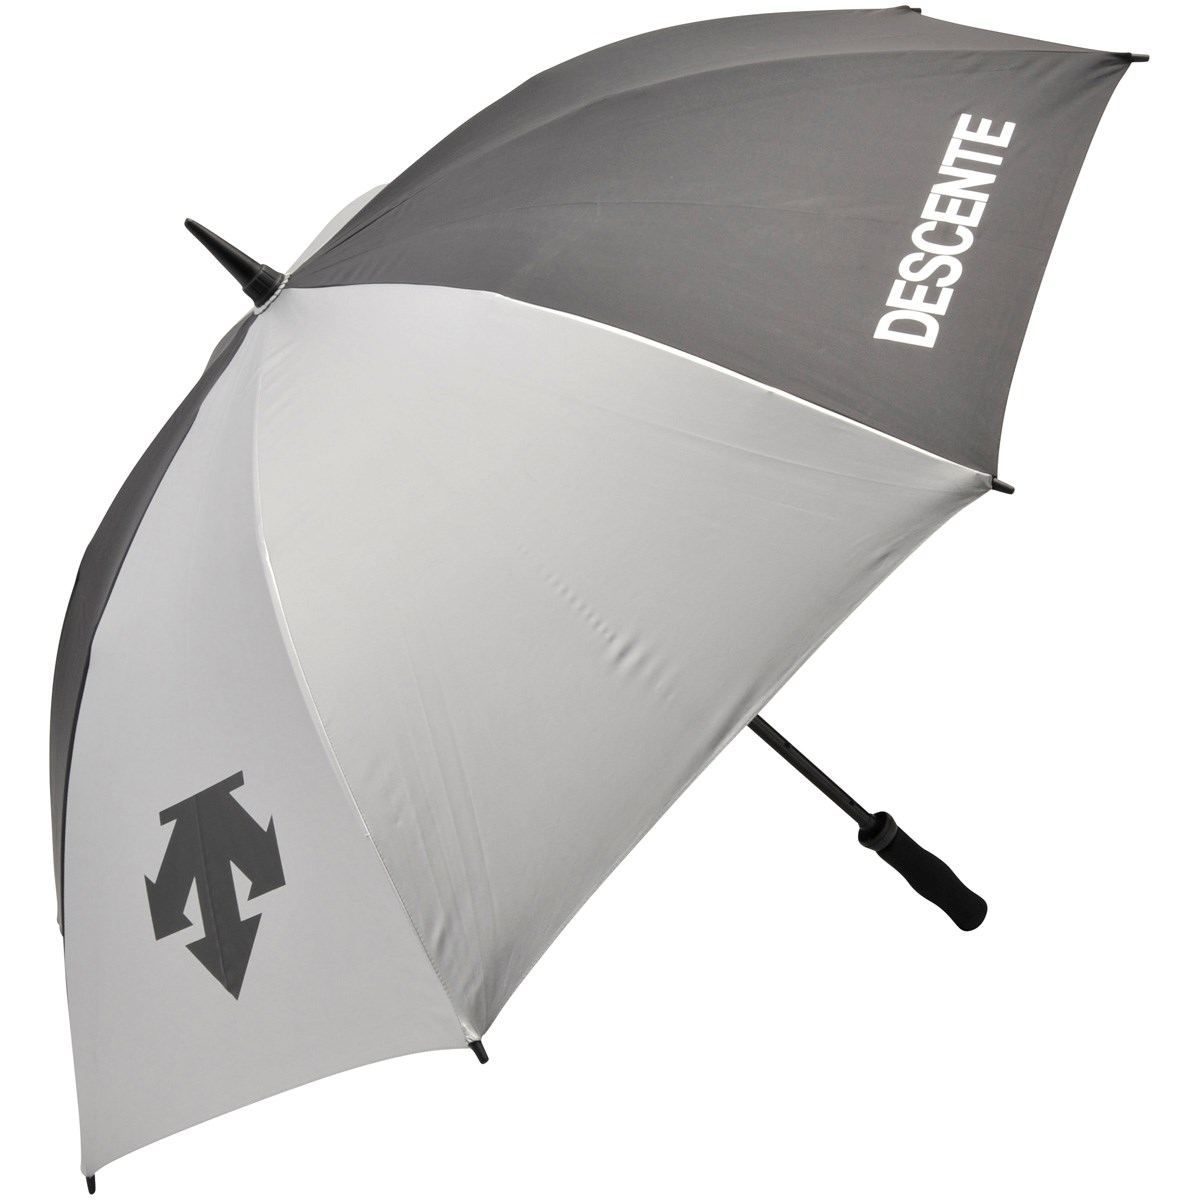 デサントゴルフ DESCENTE GOLF 全天候傘 シルバー 00